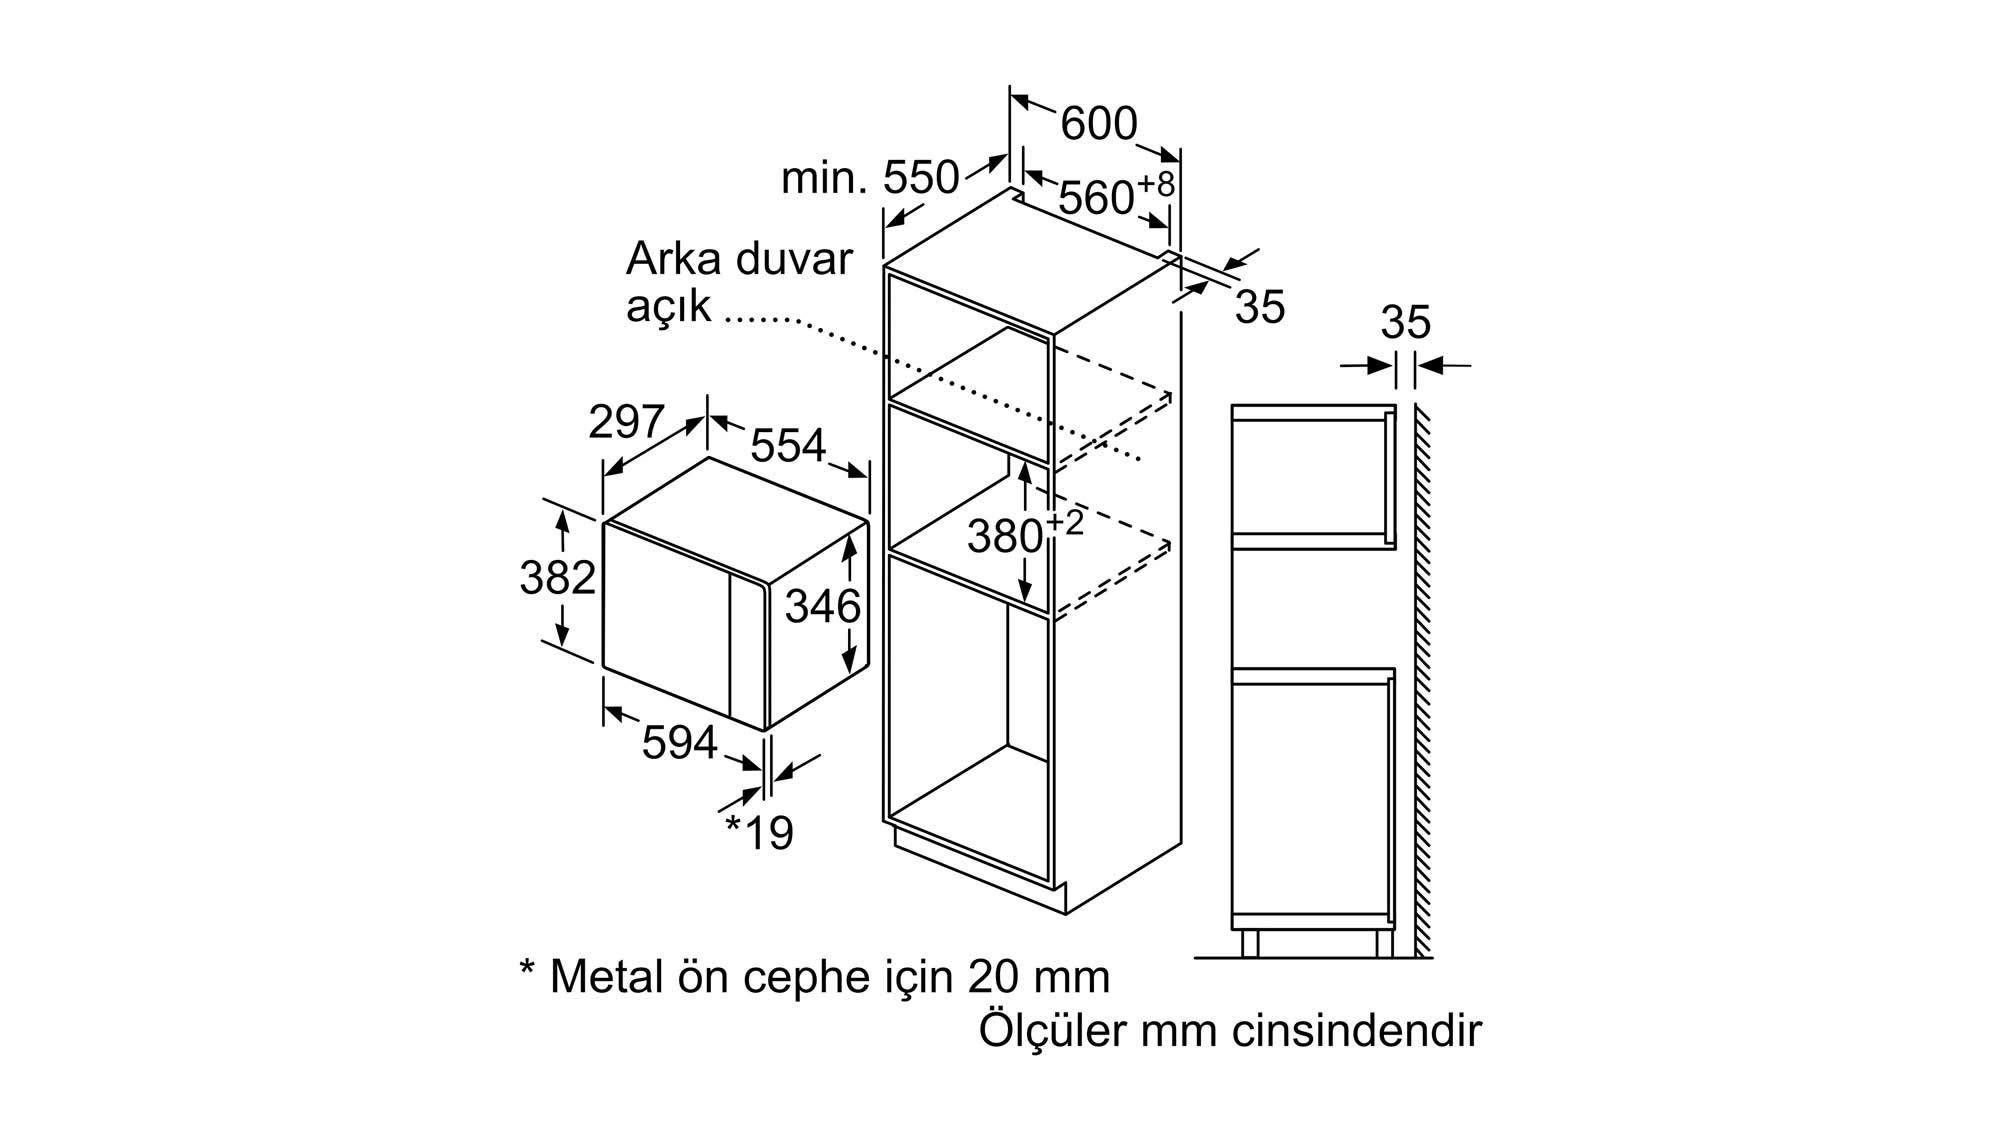 Bosch bfl524mw0 Ankastre Mikrodalga Fırın, bfl524mw0, bfl524mwo bosch